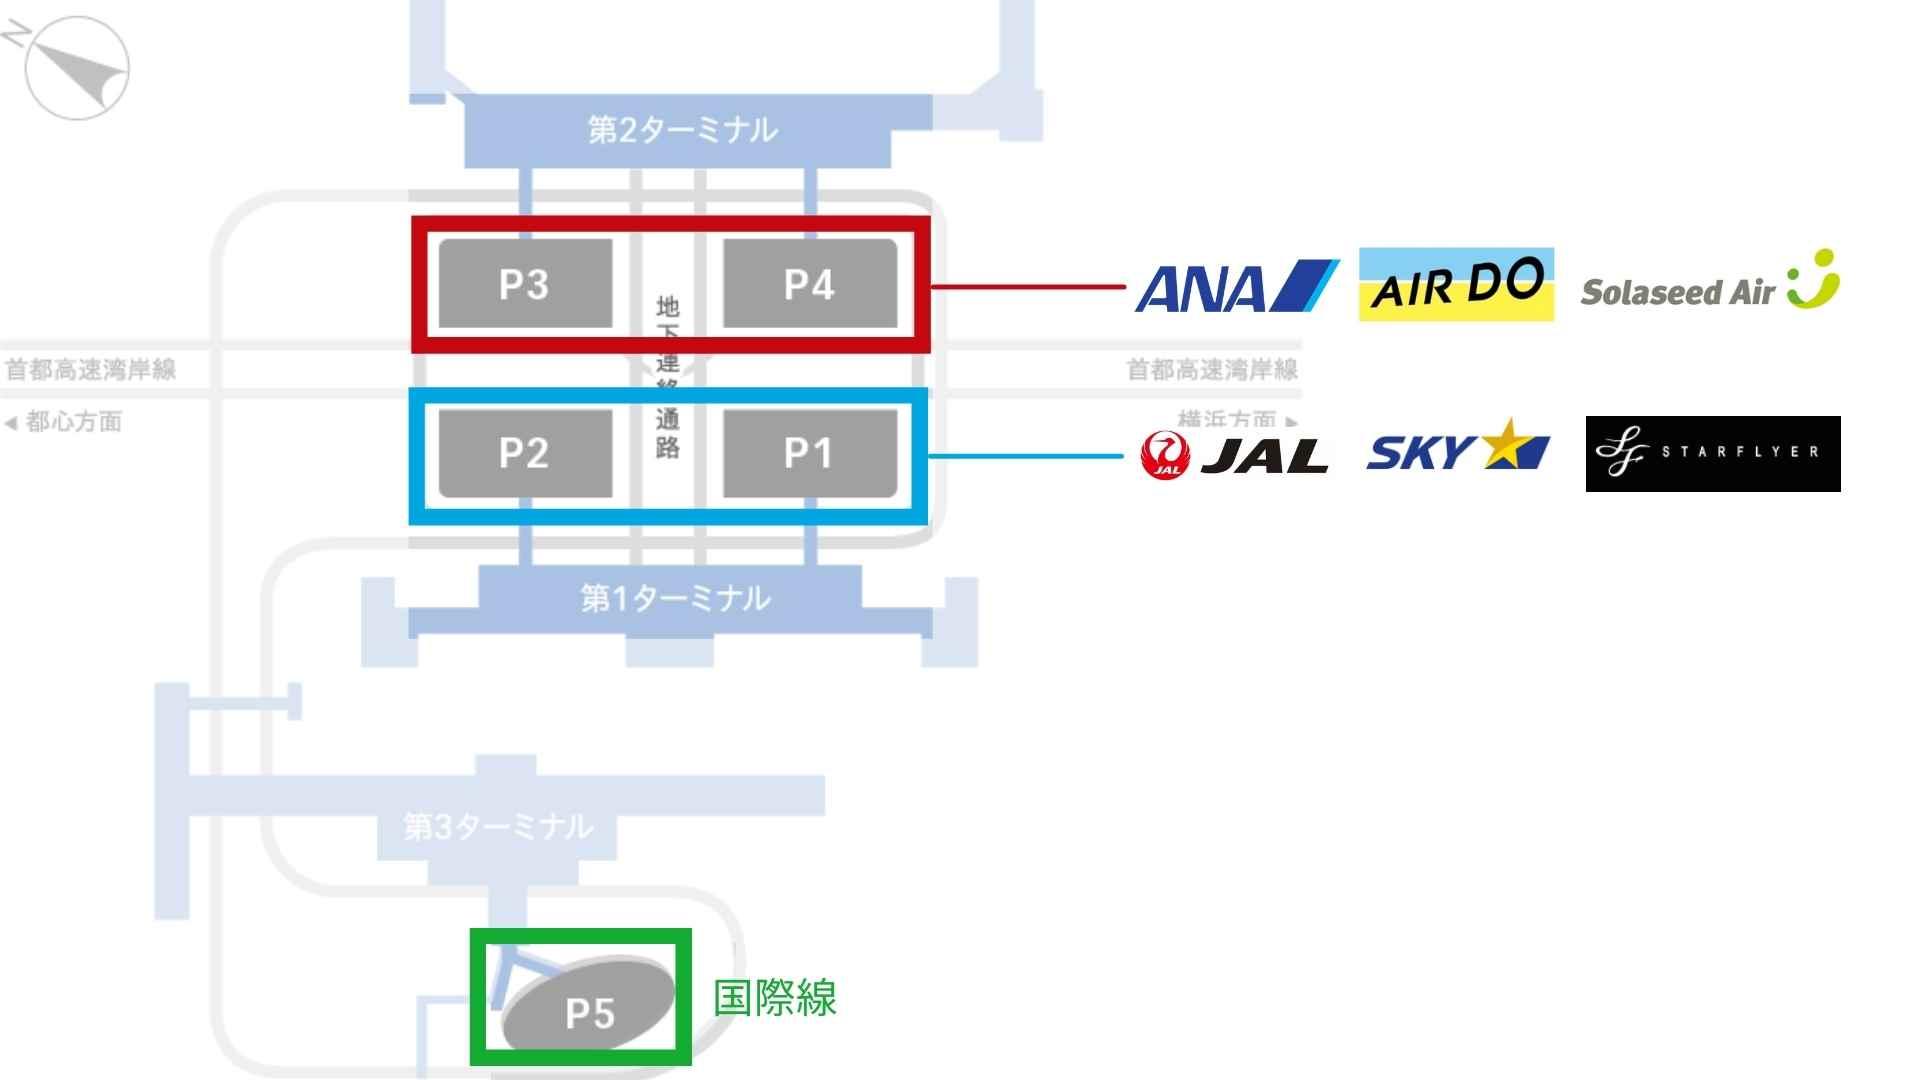 羽田駐車場P1~P5航空会社